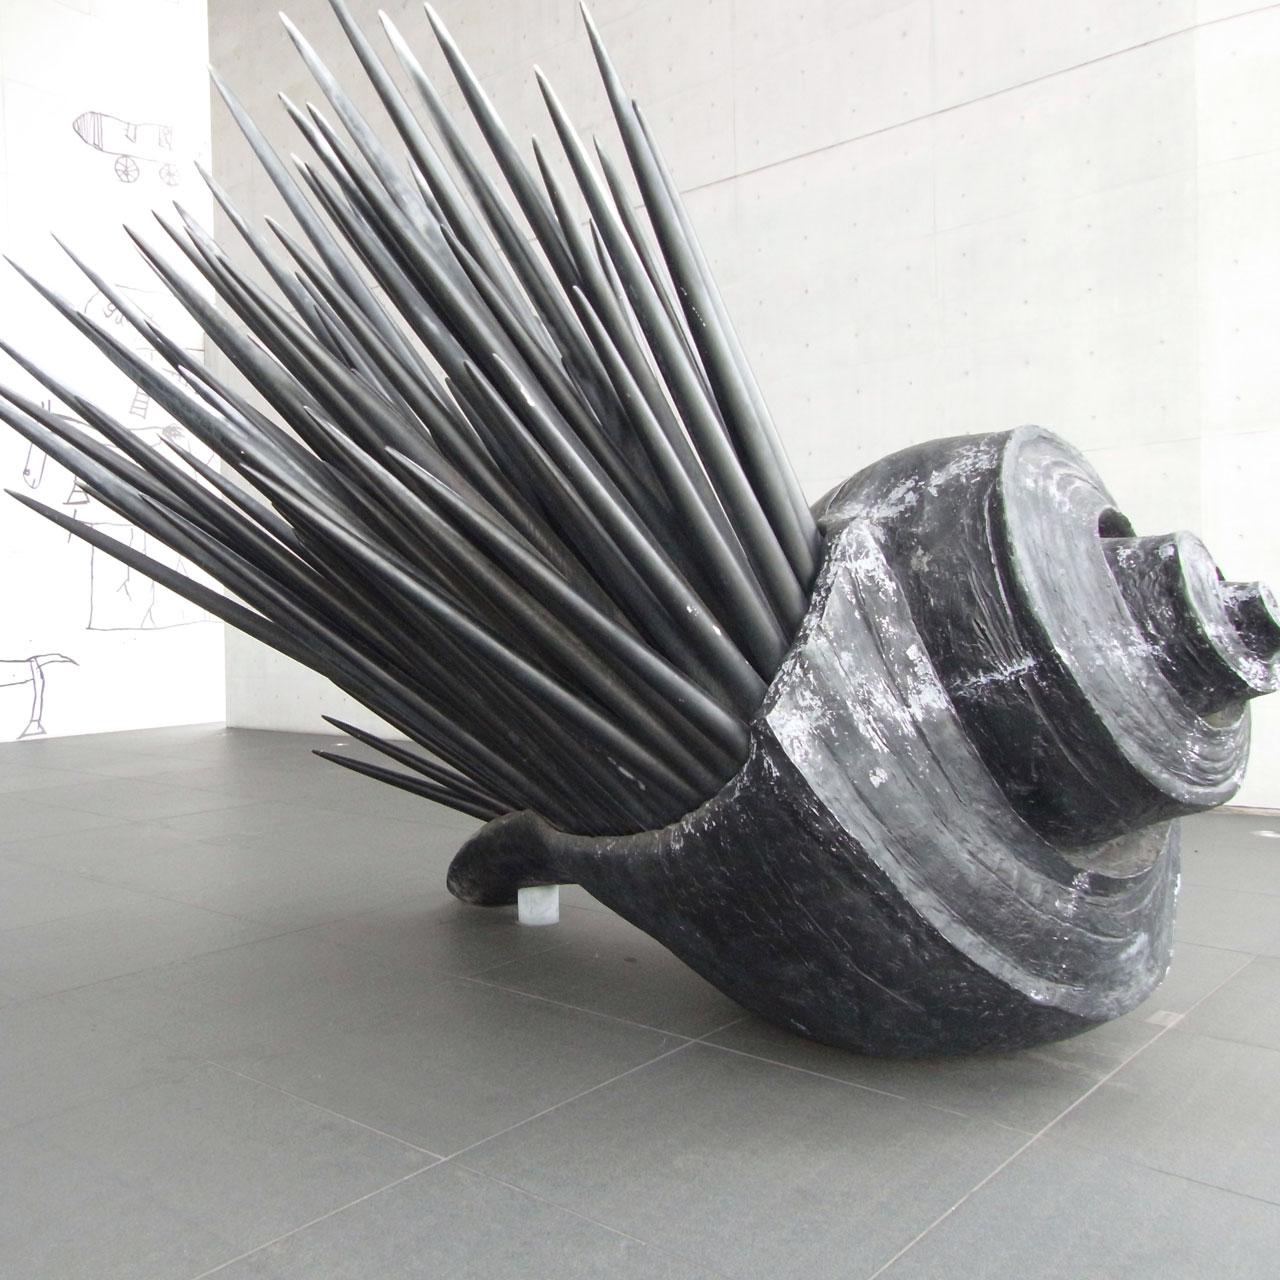 MIMOCA 丸亀市猪熊弦一郎現代美術館